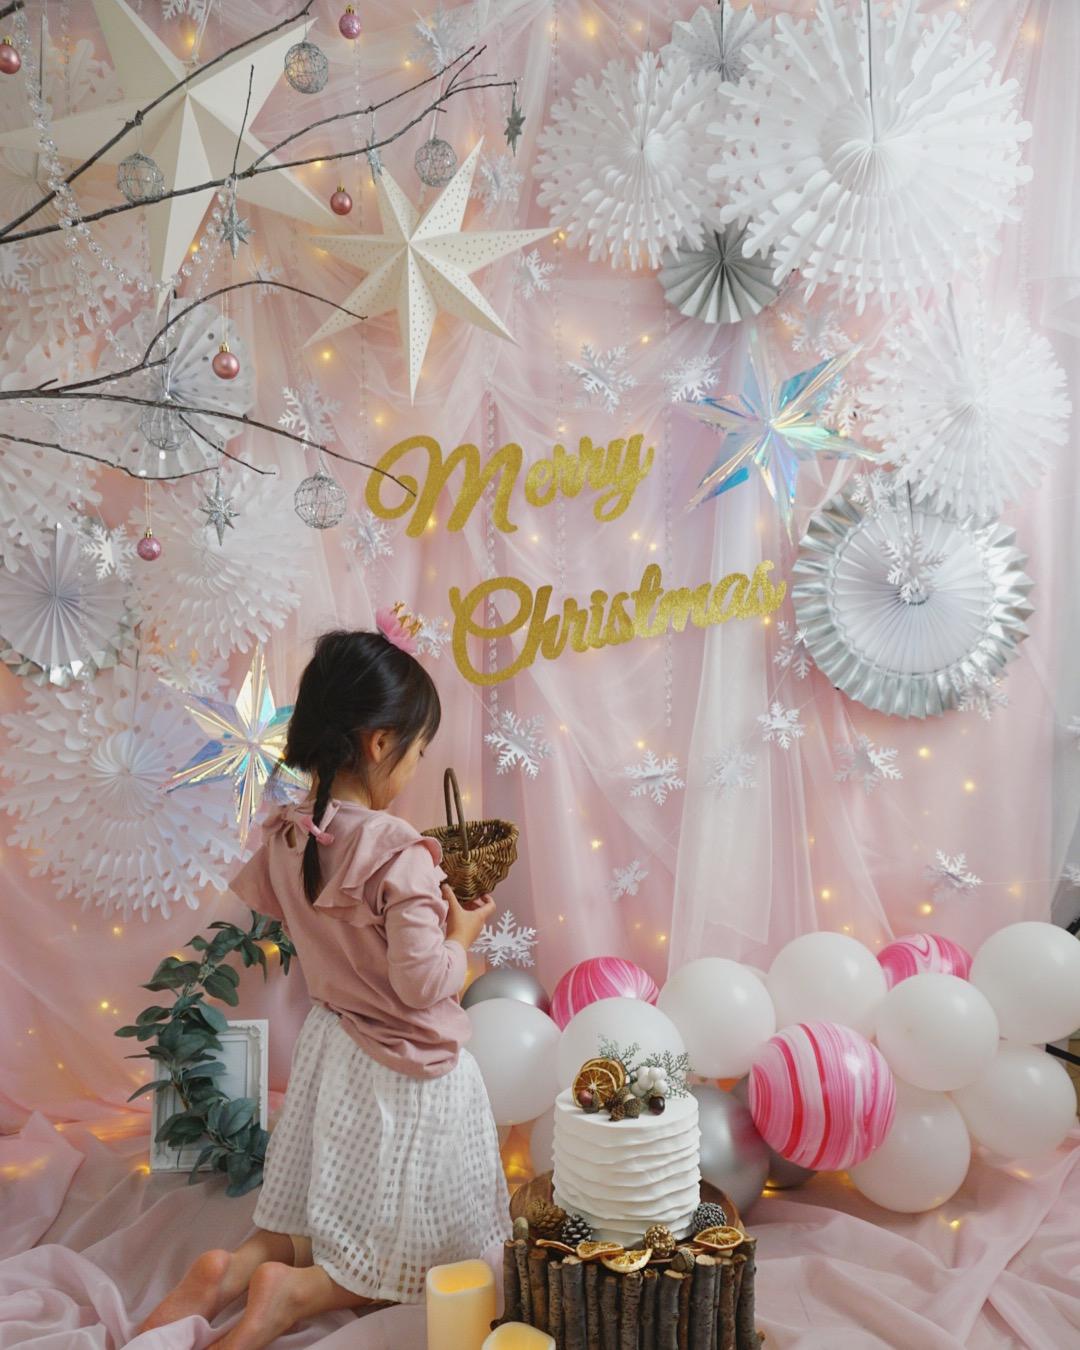 Slider: 【プラスワンクリスマス】プリンセス クリスマス フォトブース~淡いピンクの雪の世界を表現したフォトブースで撮影を